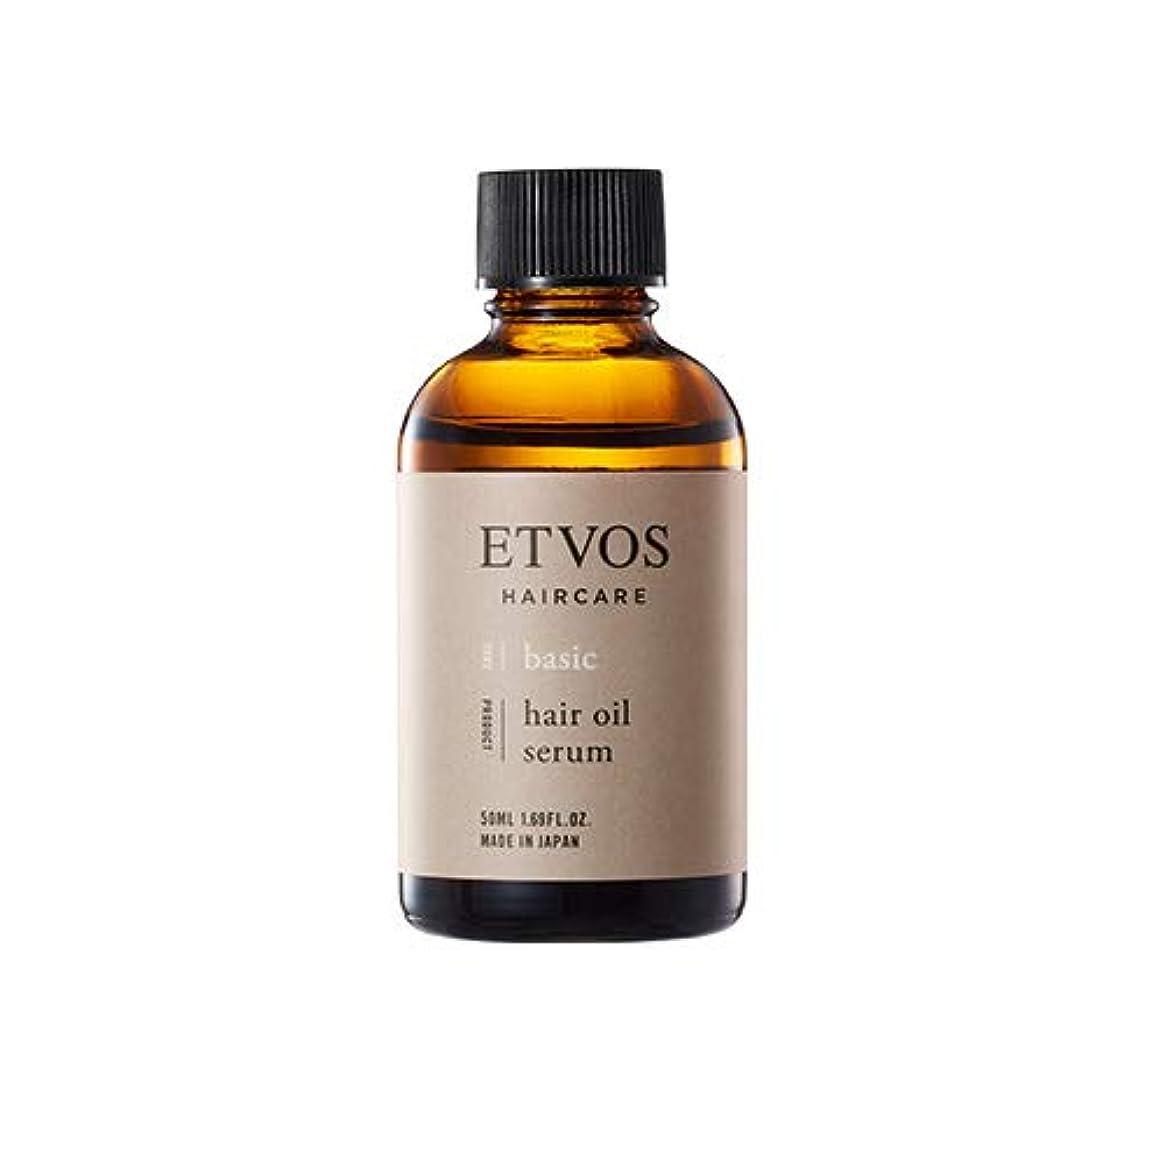 非公式バリアレイプETVOS(エトヴォス) ヘアオイルセラム 50ml ヘアスタイル 毛髪補修成分 乾燥 熱 ノンシリコン 美容オイル